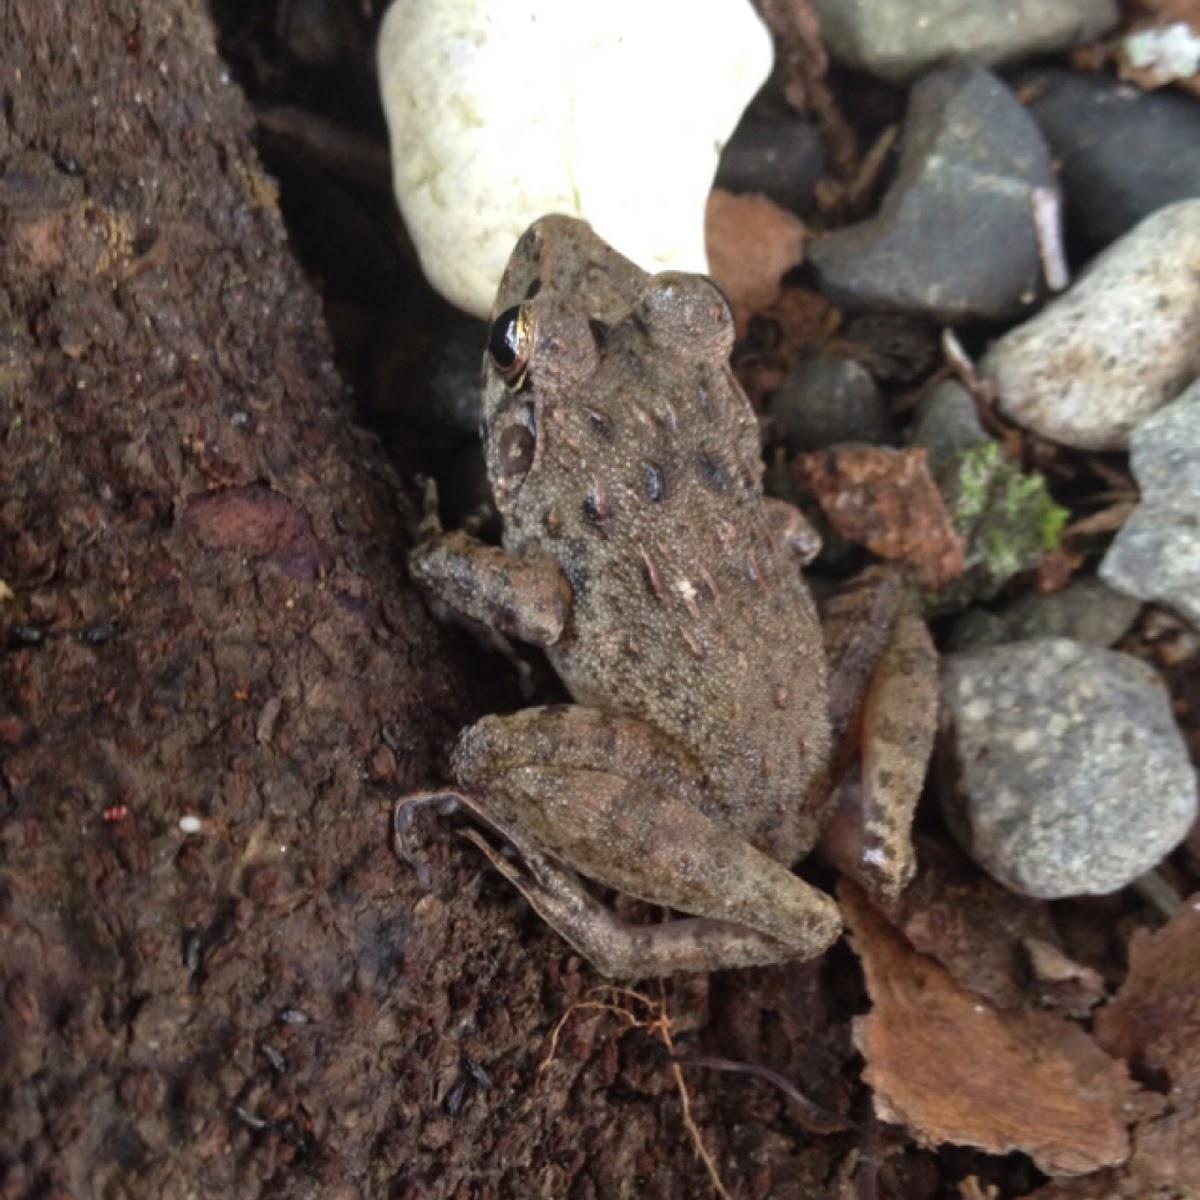 Asian Grass Frog